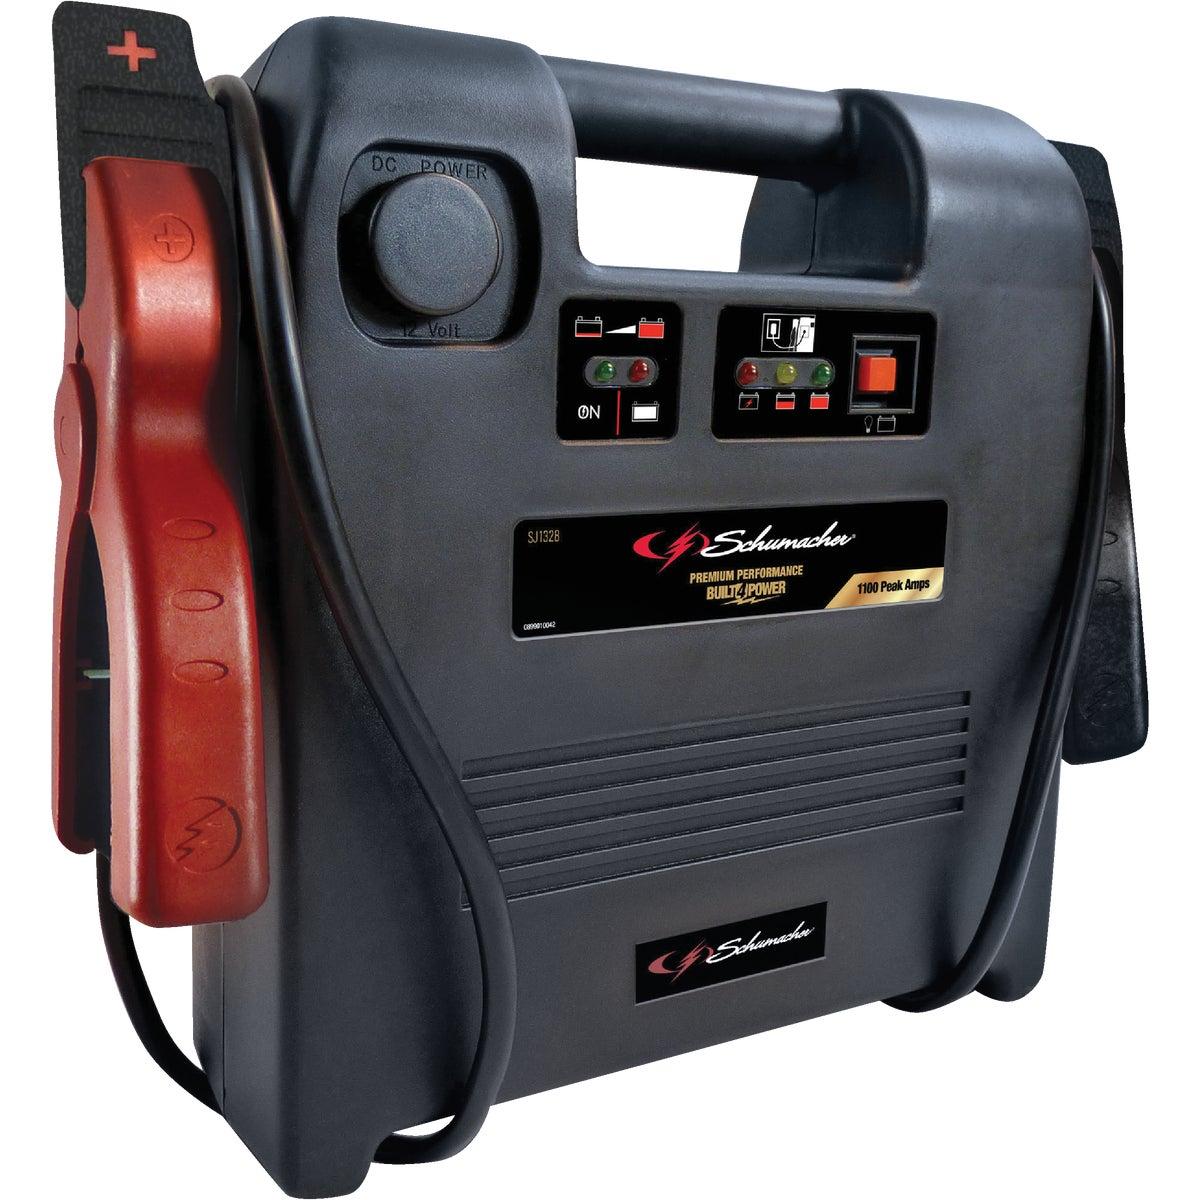 950 AMP JUMP STARTER